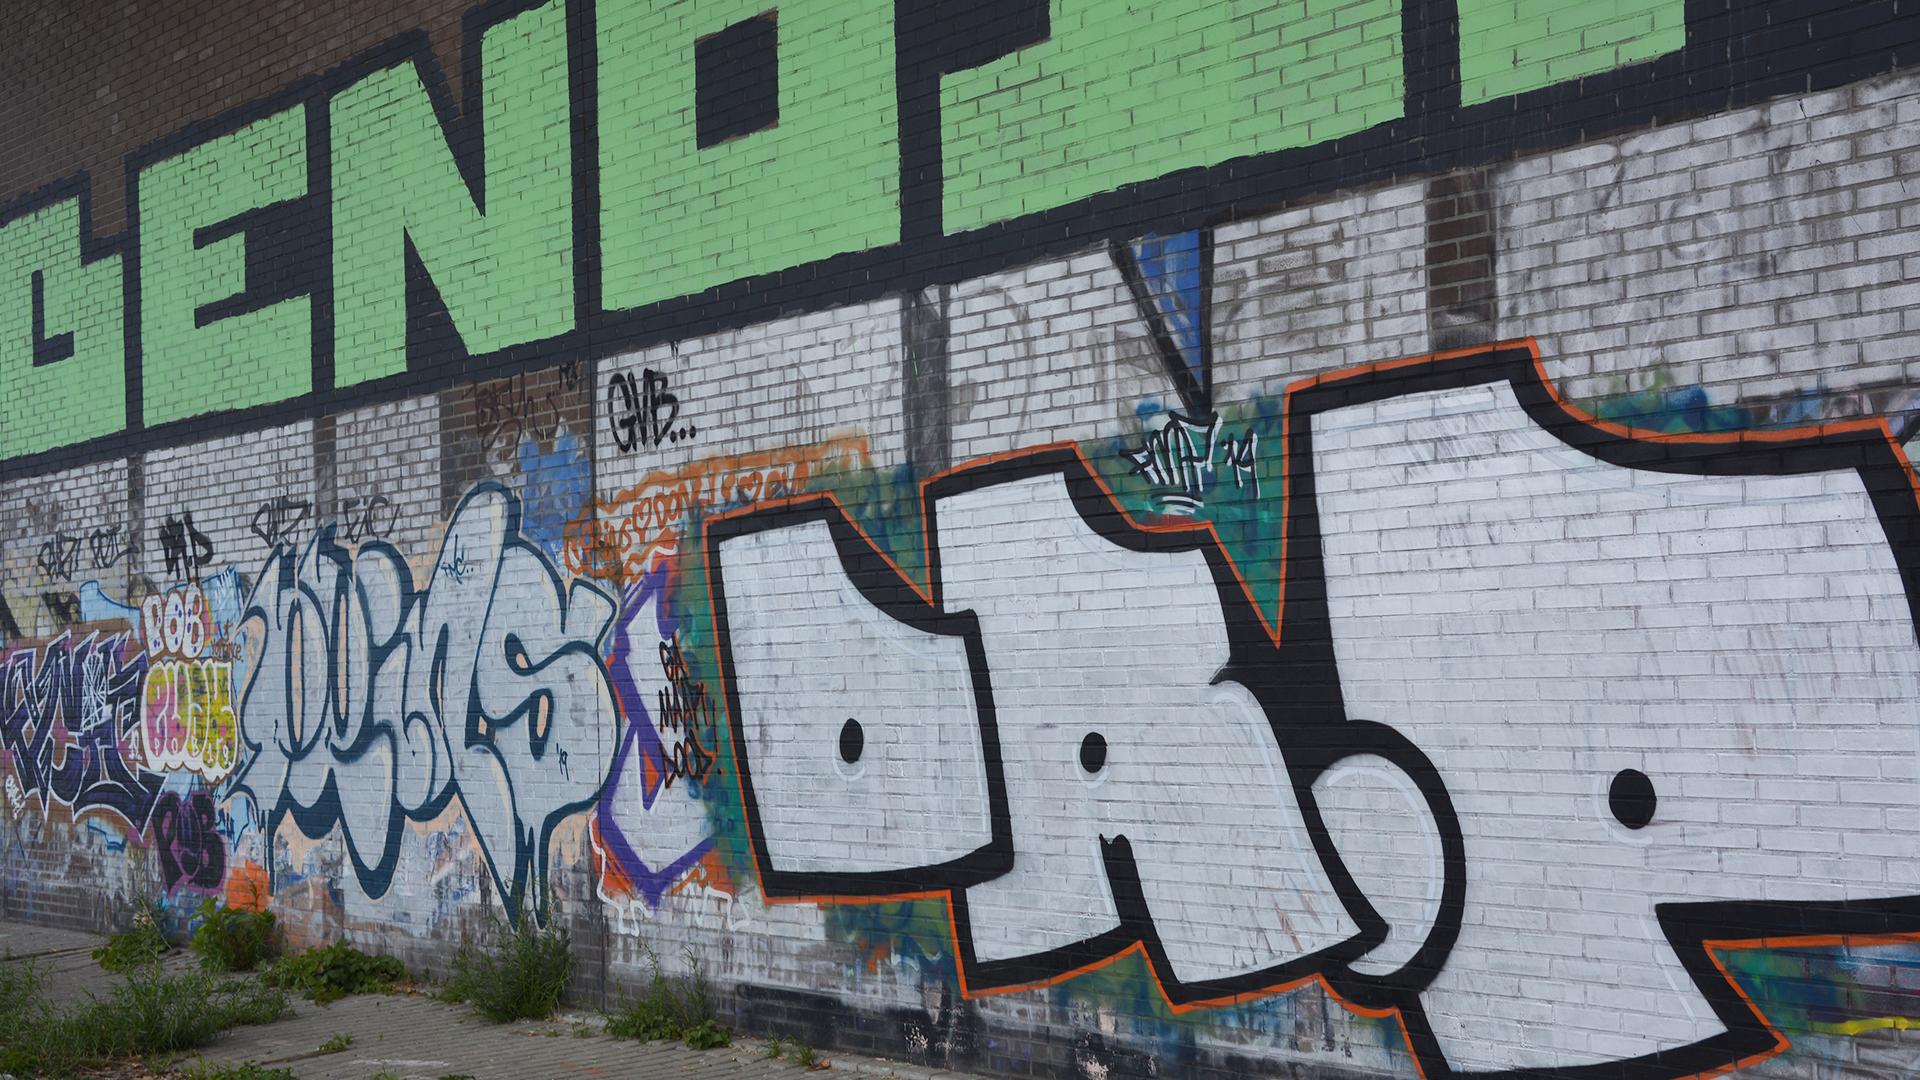 bakstenen muur graffiti verwijderen